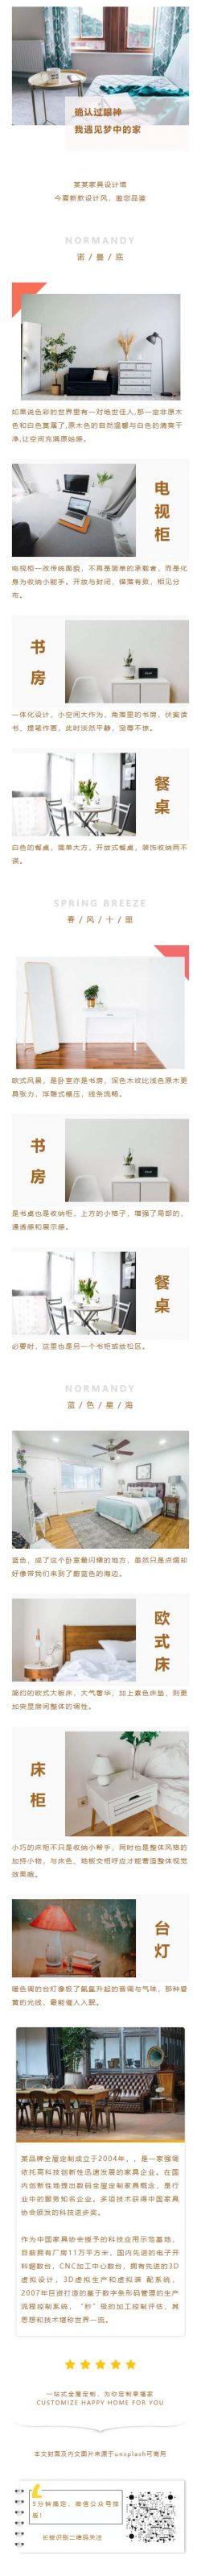 家具设计馆居家家装高档风格模板微信推文素材